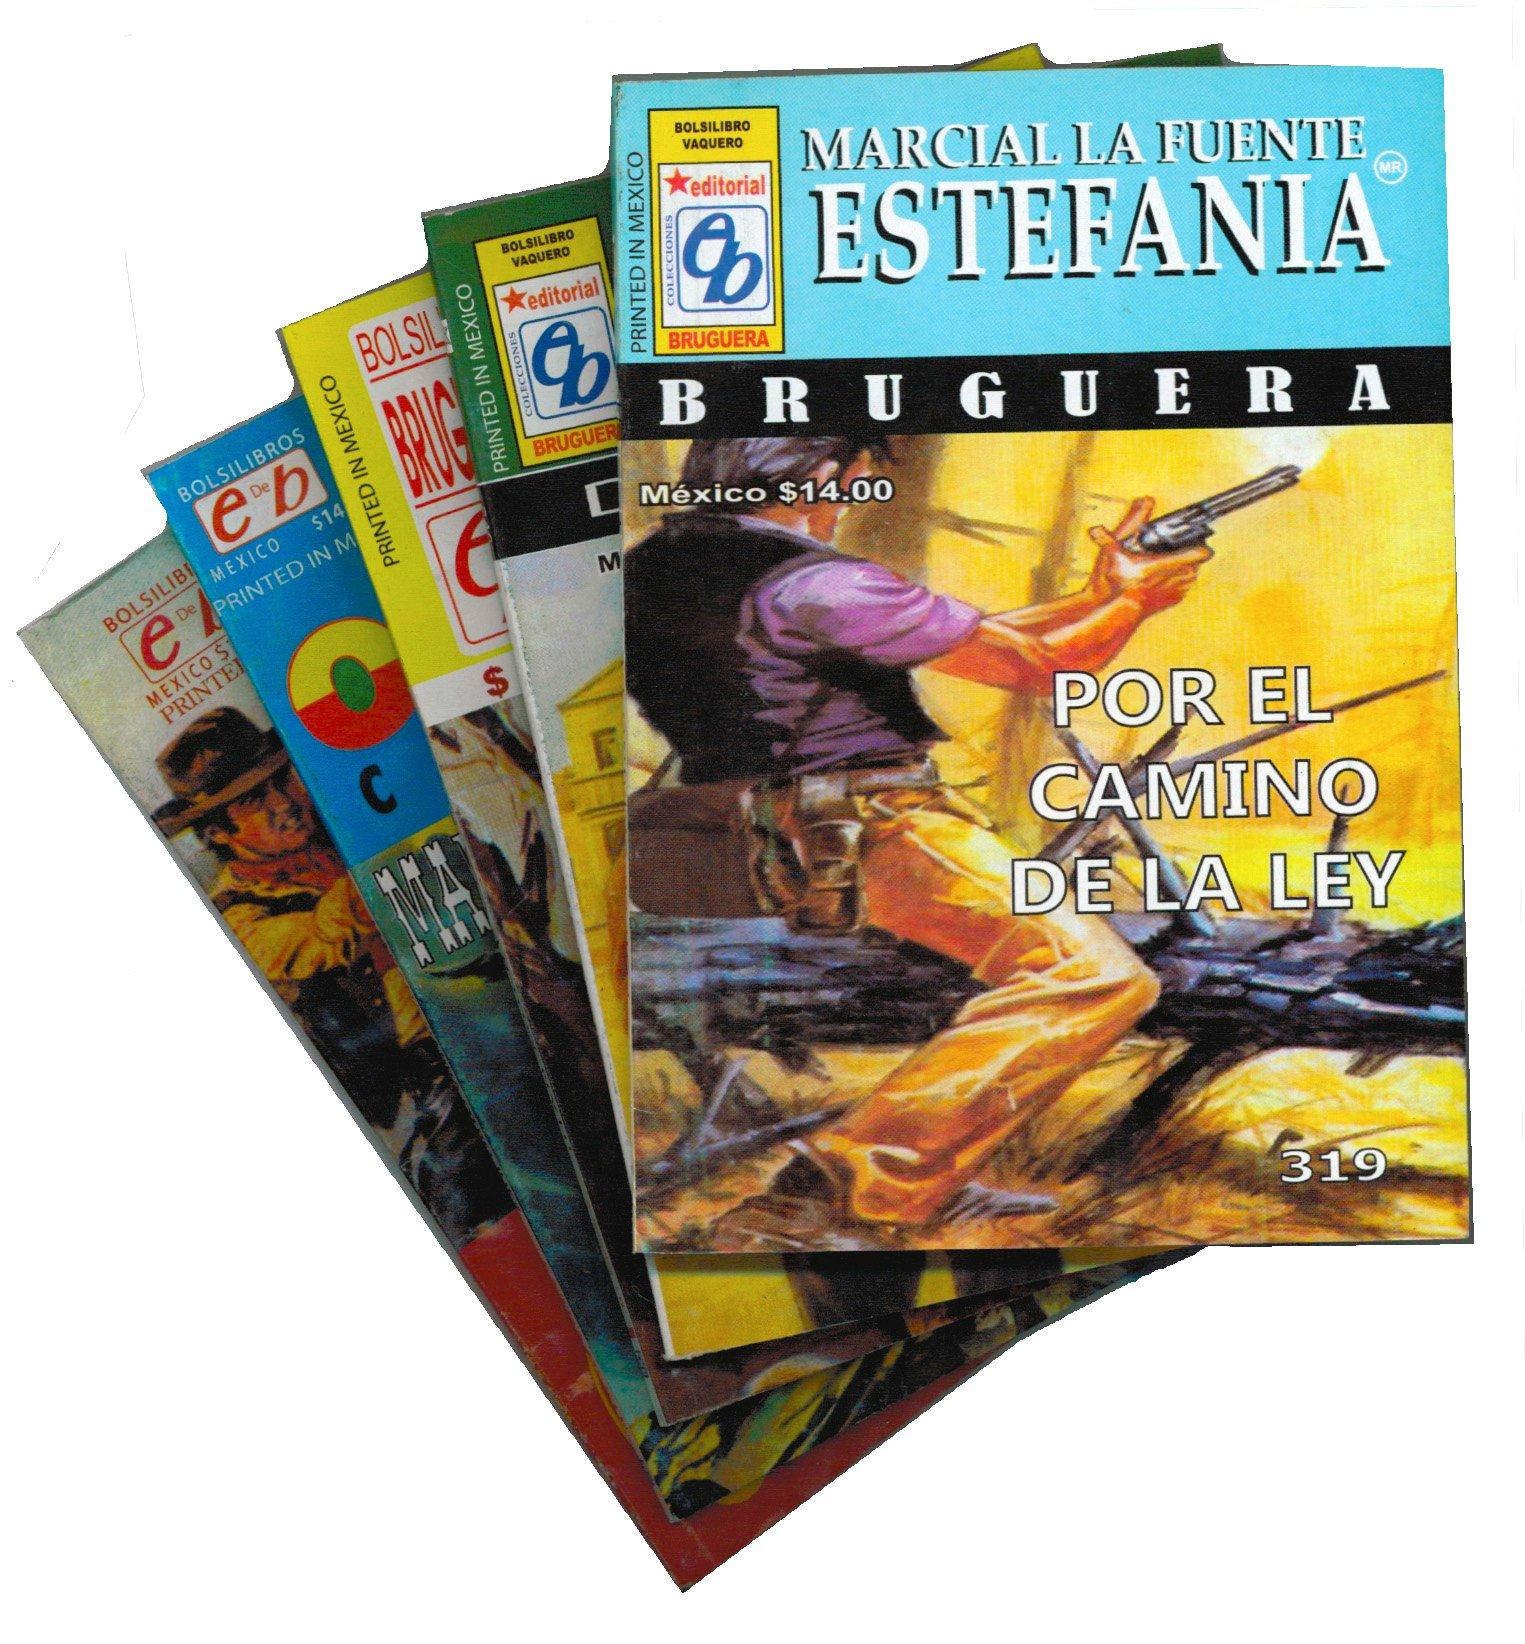 Novela Sorpresa del Libro Vaquero Por Marcial Lafuente Estefania y otros autores.: Marcial LaFuente Estefania: 9789706083524: Amazon.com: Books